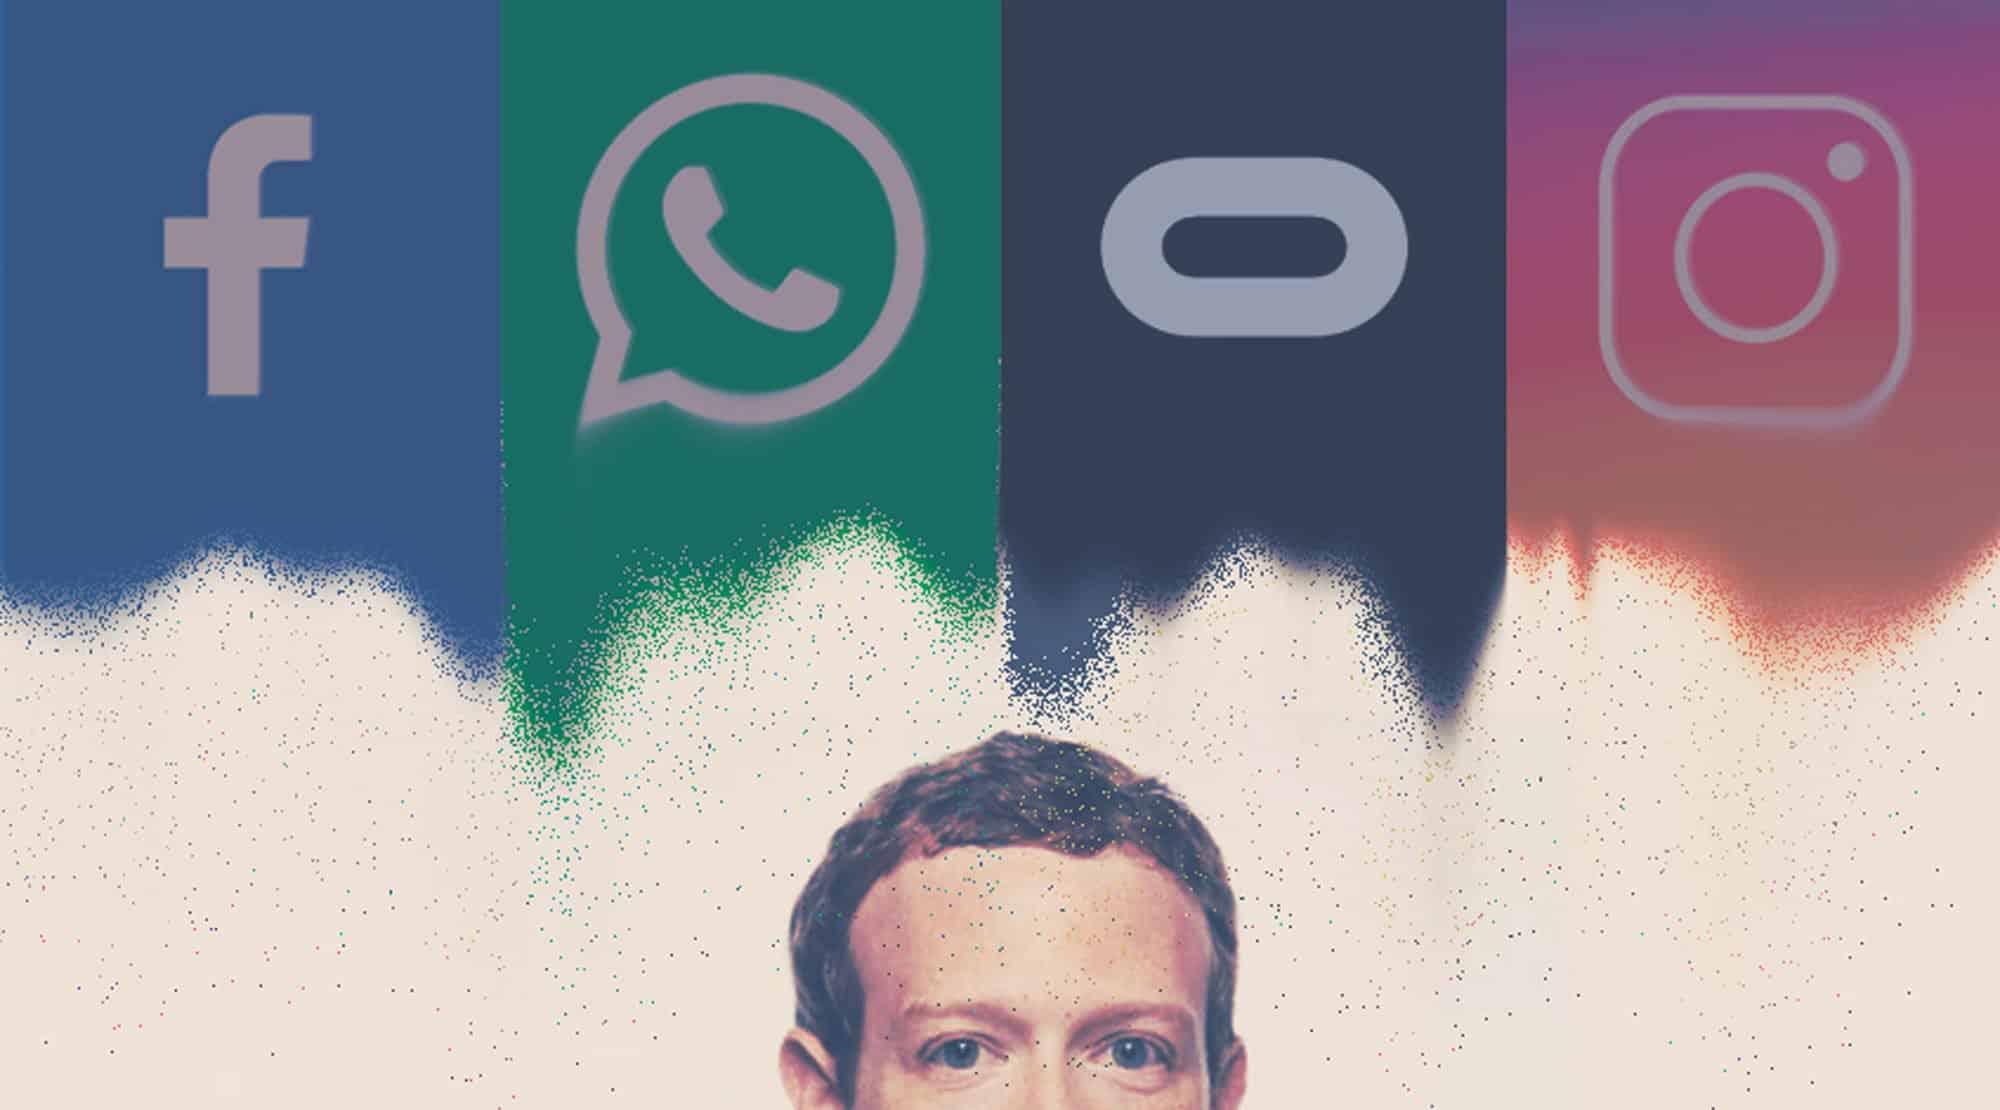 إذا قرأت رسالة مارك زوكربيرج حول الخصوصية سترى أهمية الحاجة إلى